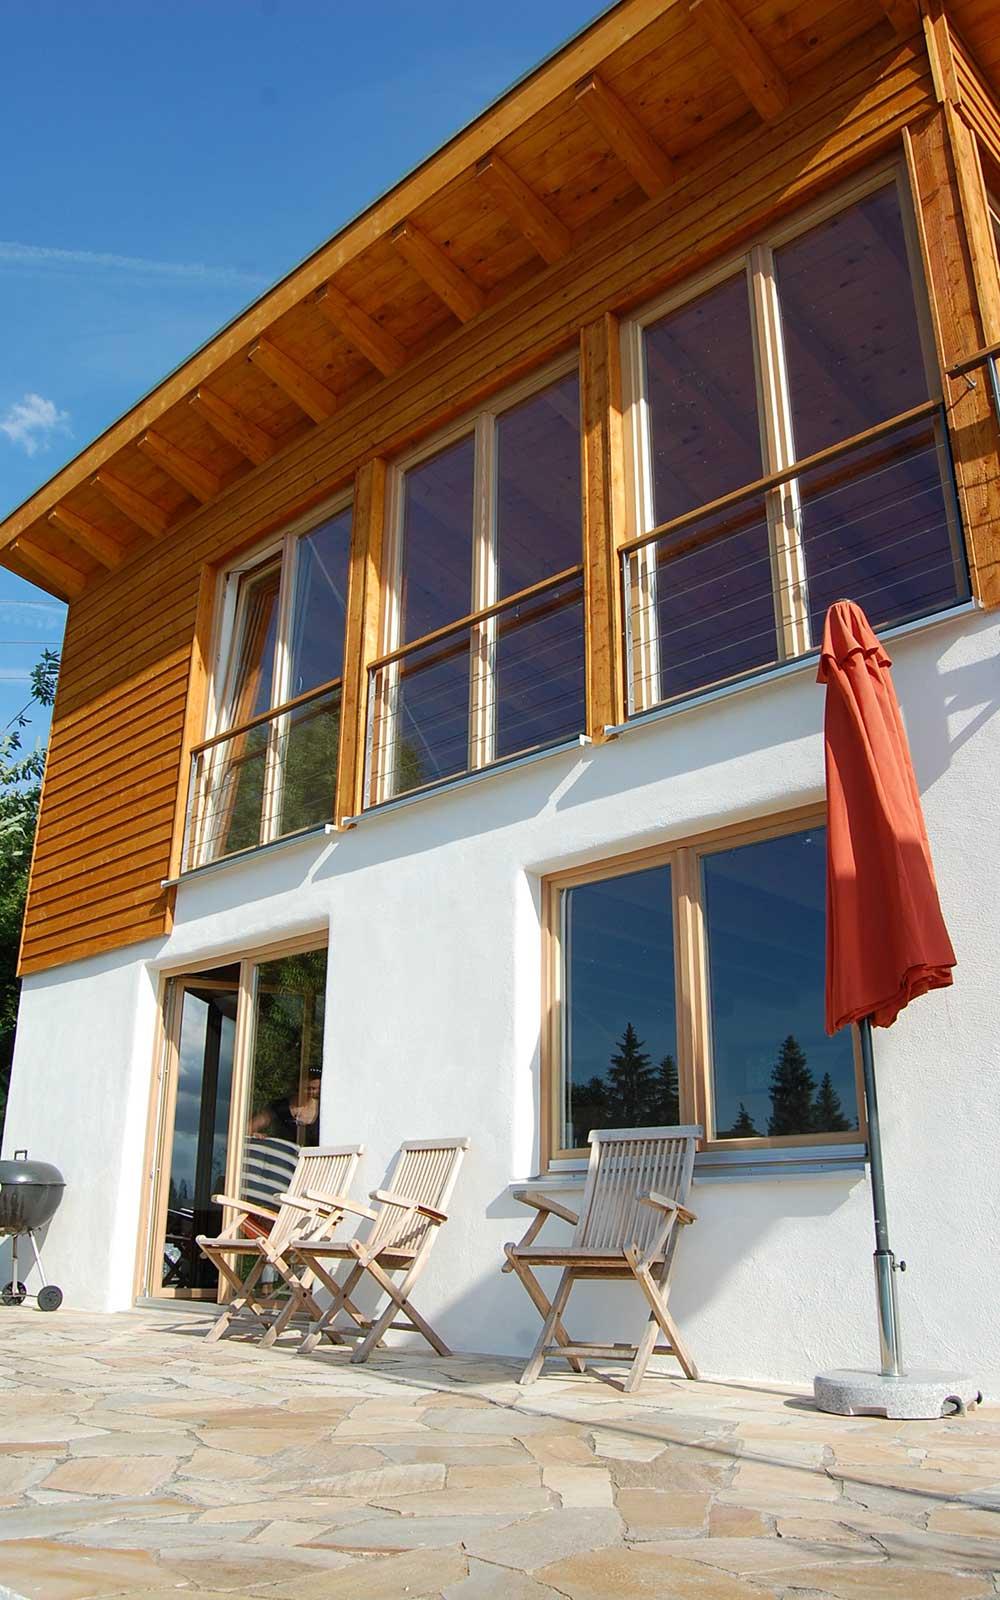 Blaue Adria Altrip, Architekten Heidelberg